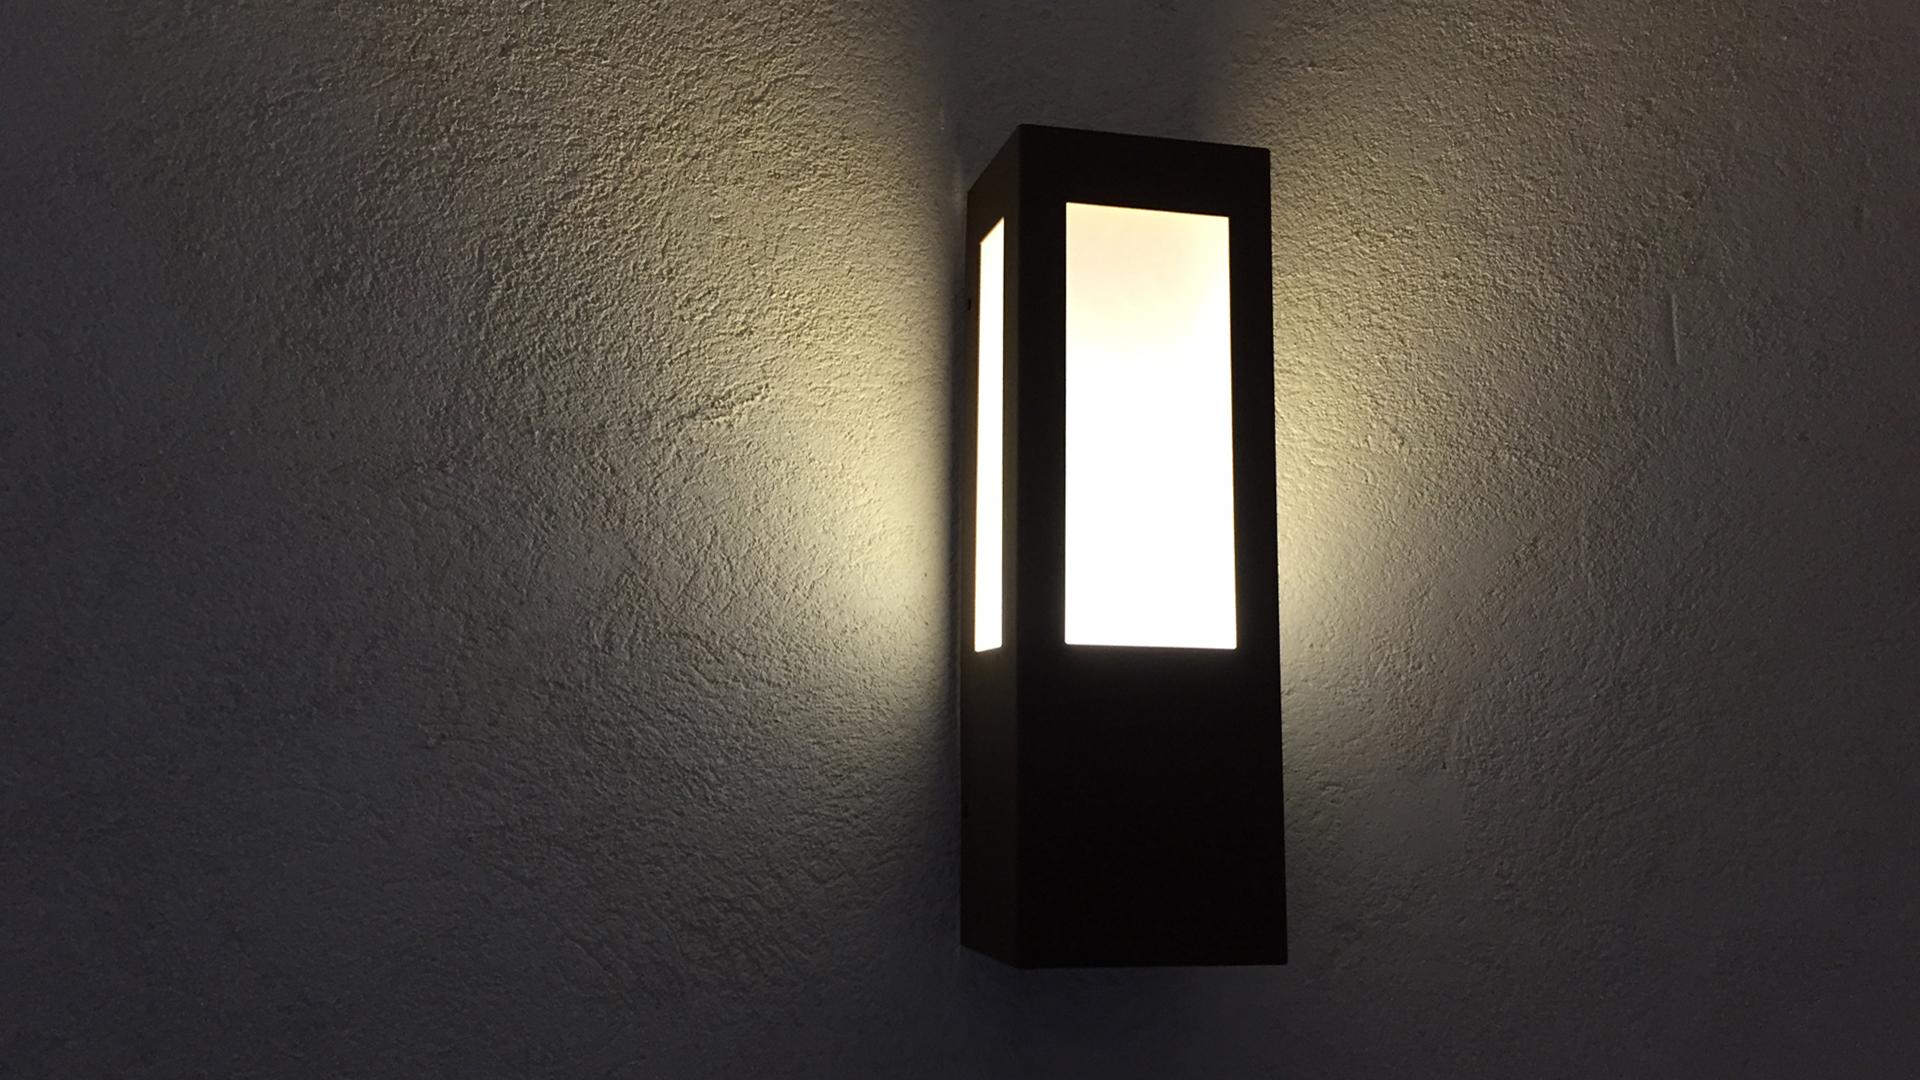 La lampe murale extérieure AP 011, applique murale design LYX Luminaires fabriquée en acier rouille Corten ou gris anthracite est équipée d'une source LED basse consommation performante. Cette applique murale puissante fait partie avec les appliques murales solaires LYX Luminaires de la vaste collection de lampes murales extérieures LYX Luminaires. L' applique extérieure murale AP 011 est idéale pour l'éclairage de pilier, l'éclairage de portail, l'éclairage d'entrée, l'éclairage de terrasses, l'éclairage de balcons. Une lampe murale design pour un éclairage moderne. / Lampe extérieure jardin pour un éclairage extérieur design. Version lampe solaire jardin ou lampe jardin LED. Cette lampe de jardin ou lampe terrasse est une lampe de jardin avec détecteur. Fabriquée en acier, la lampe jardin détecteur permet un éclairage solaire ou un éclairage LED puissant selon le modèle choisi. Découvrez la collection de luminaires extérieurs constituée de lampes solaires et lampes LED. Vaste collection d'appliques extérieures / appliques murales : applique murale extérieure solaire, applique murale LED, applique extérieure design. Les appliques extérieures murales sont de fabrication française. Lampe solaire idéale pour l'éclairage de terrasses, de jardin. Lampe solaire terrasse, lampe extérieure terrasse permettant un éclairage performant. La lampe extérieure est équipée d'un détecteur de présence. Le luminaire extérieur doté d'un détecteur de mouvement, éclaire au passage d'une personne d'une voiture. Lampe extérieure détecteur puissante et efficace, au design épuré et moderne. Cette applique extérieure fait partie de la vaste collection d'appliques murales extérieures composée d'appliques murales LED et appliques murales solaires. Lampe murale LED fabriquée en acier comme toutes nos lampes murales (lampe murale LED et lampe solaire murale). Cette lampe murale extérieure diffuse un éclairage puissant. C'est une applique murale design équipée d'un détecteur de présence / lampe d